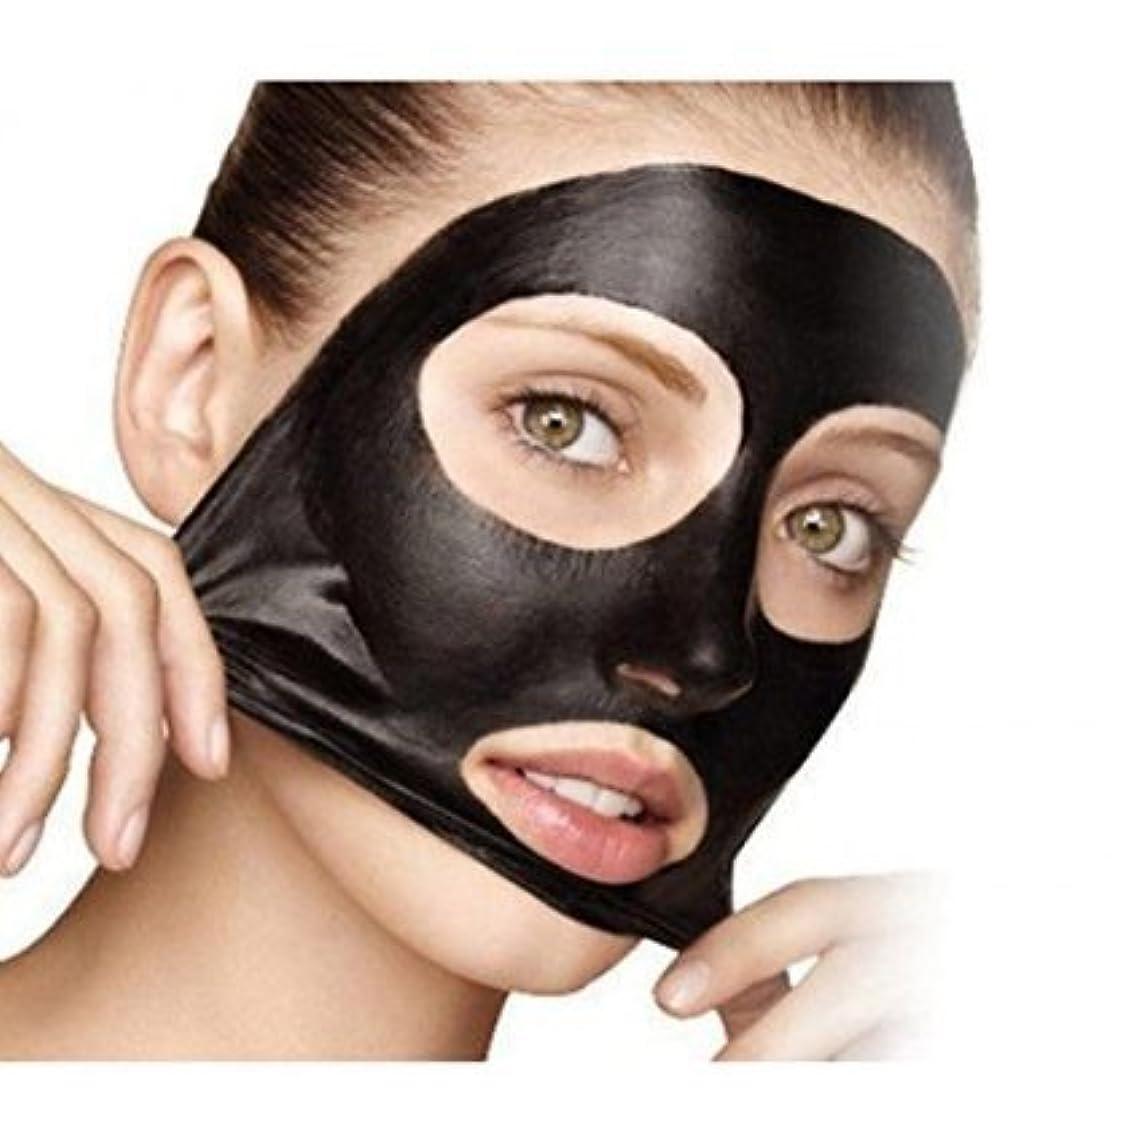 変成器とらえどころのない時折5 x Mineral Mud Nose Pore Cleansing Blackhead Removal Cleaner Membranes Mask by Boolavard? TM